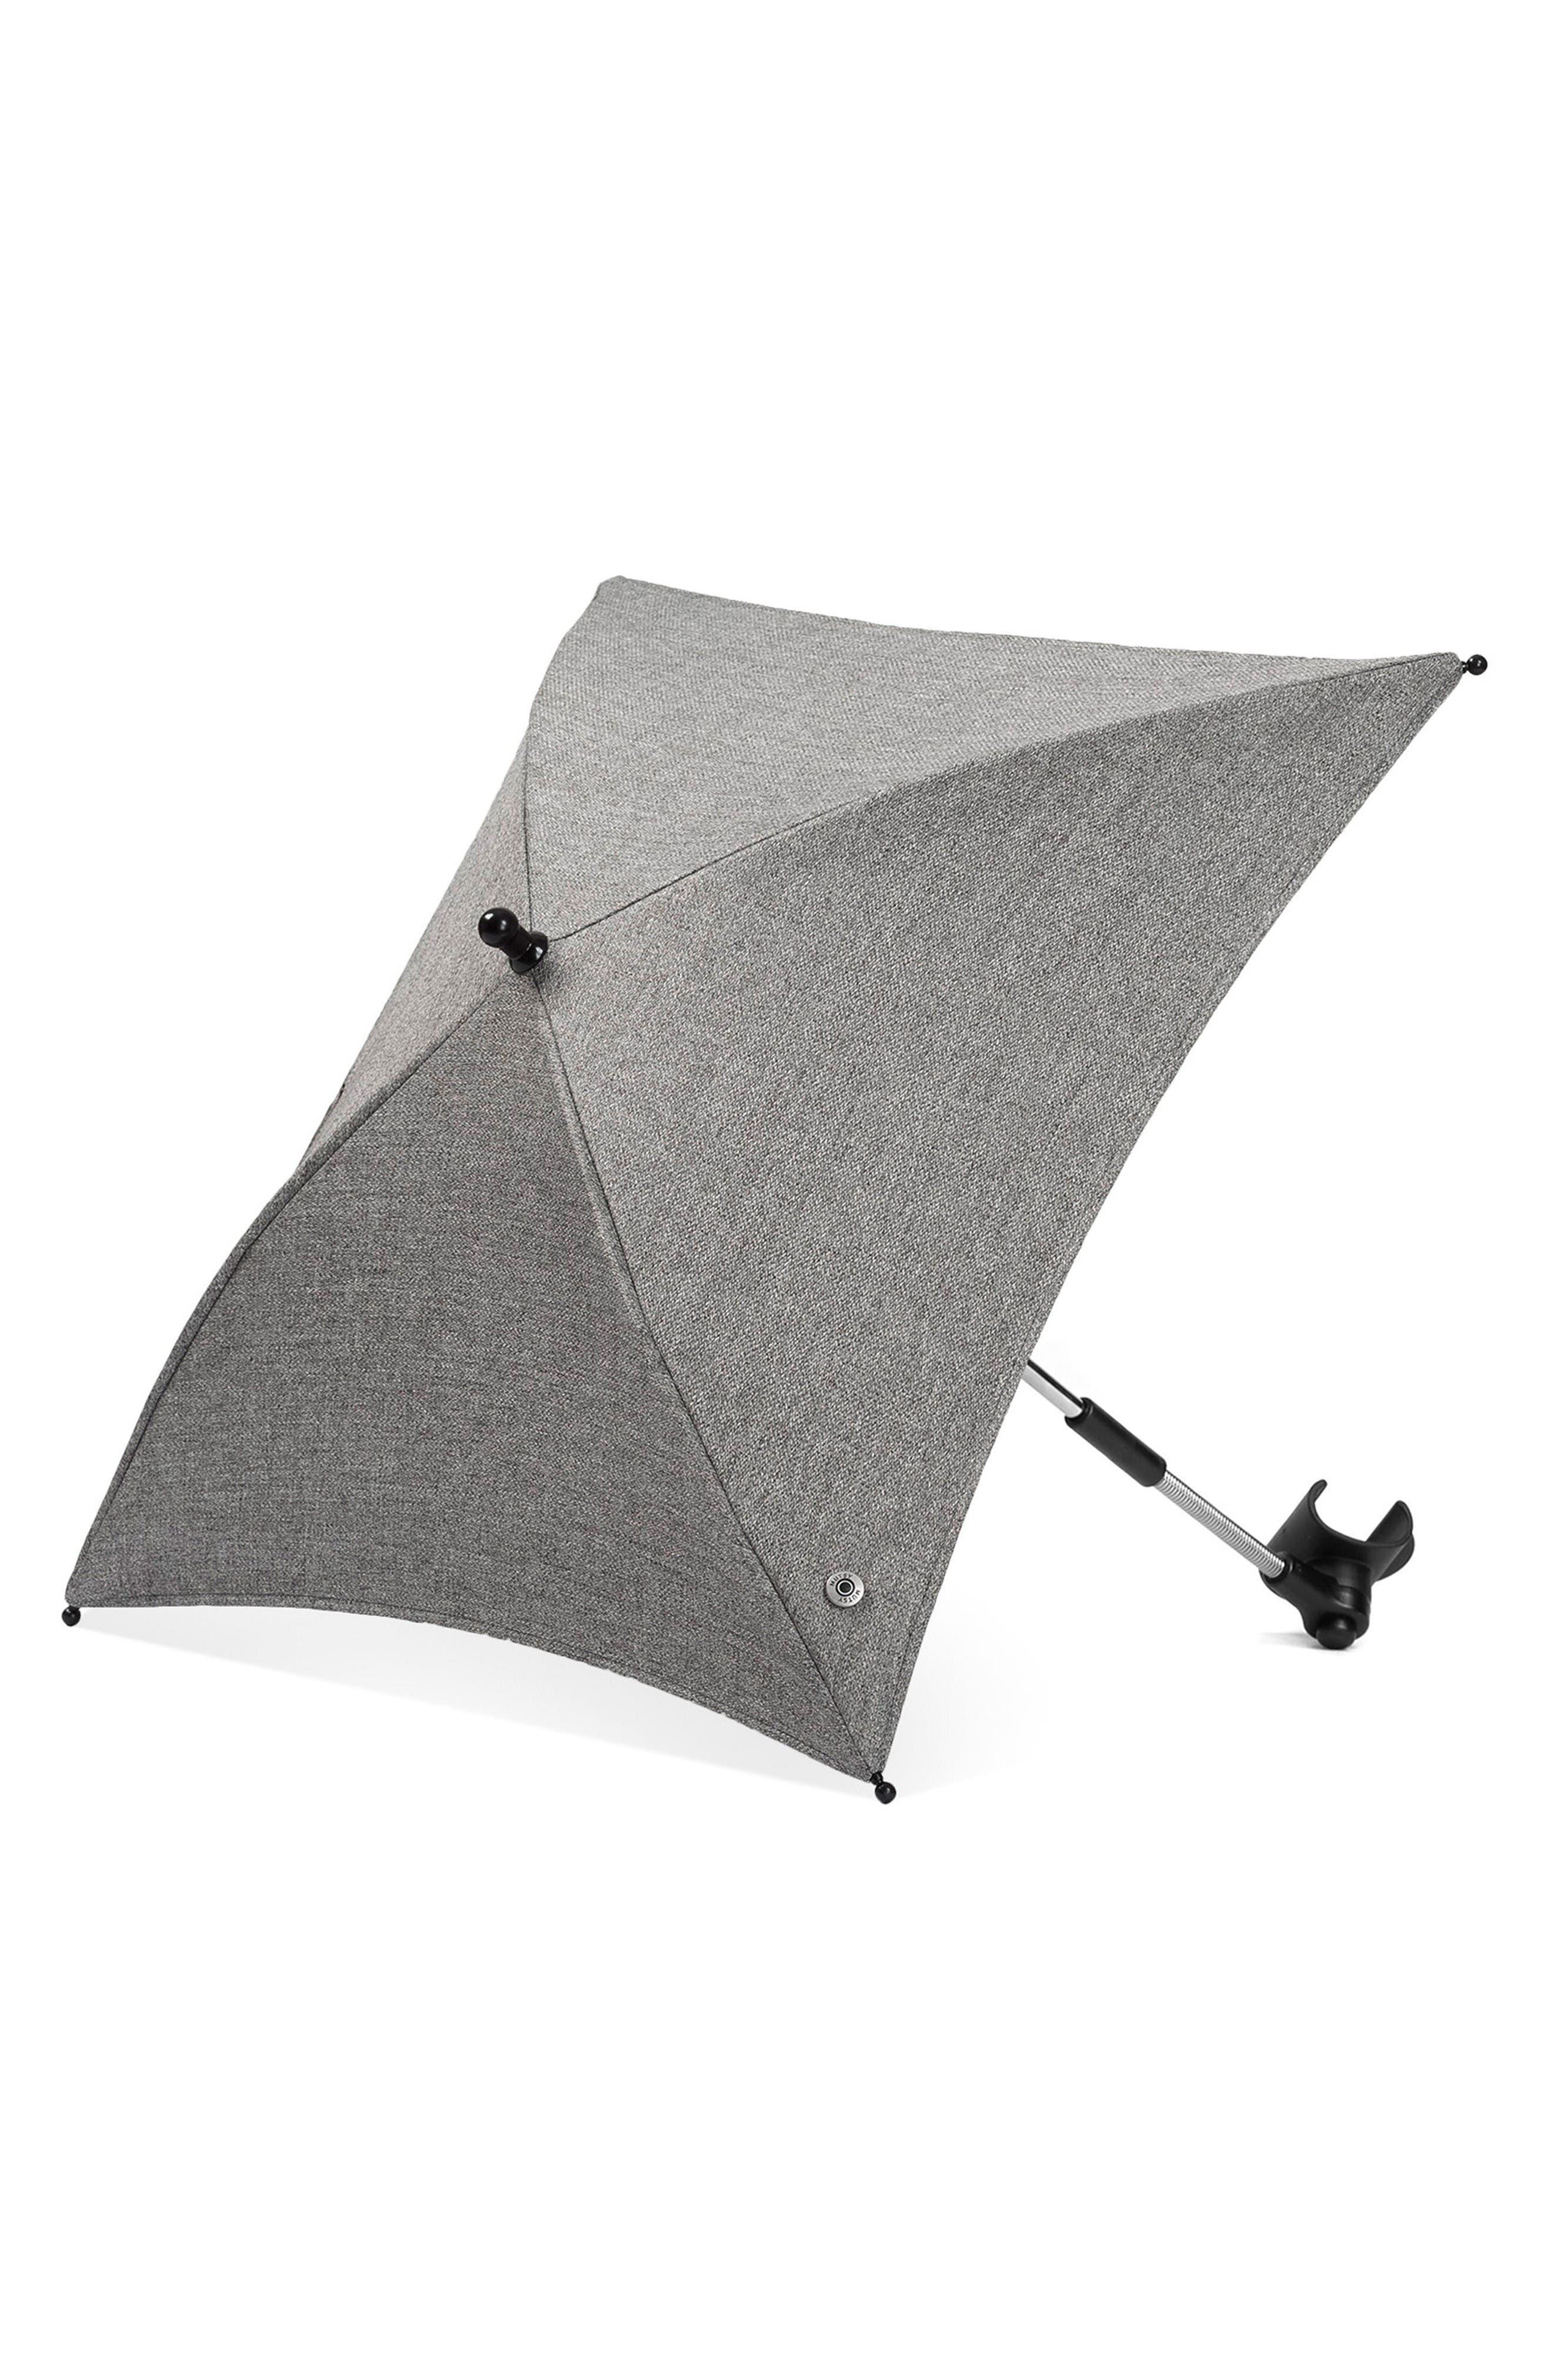 Igo - Heritage Stroller Umbrella,                             Main thumbnail 1, color,                             Grey